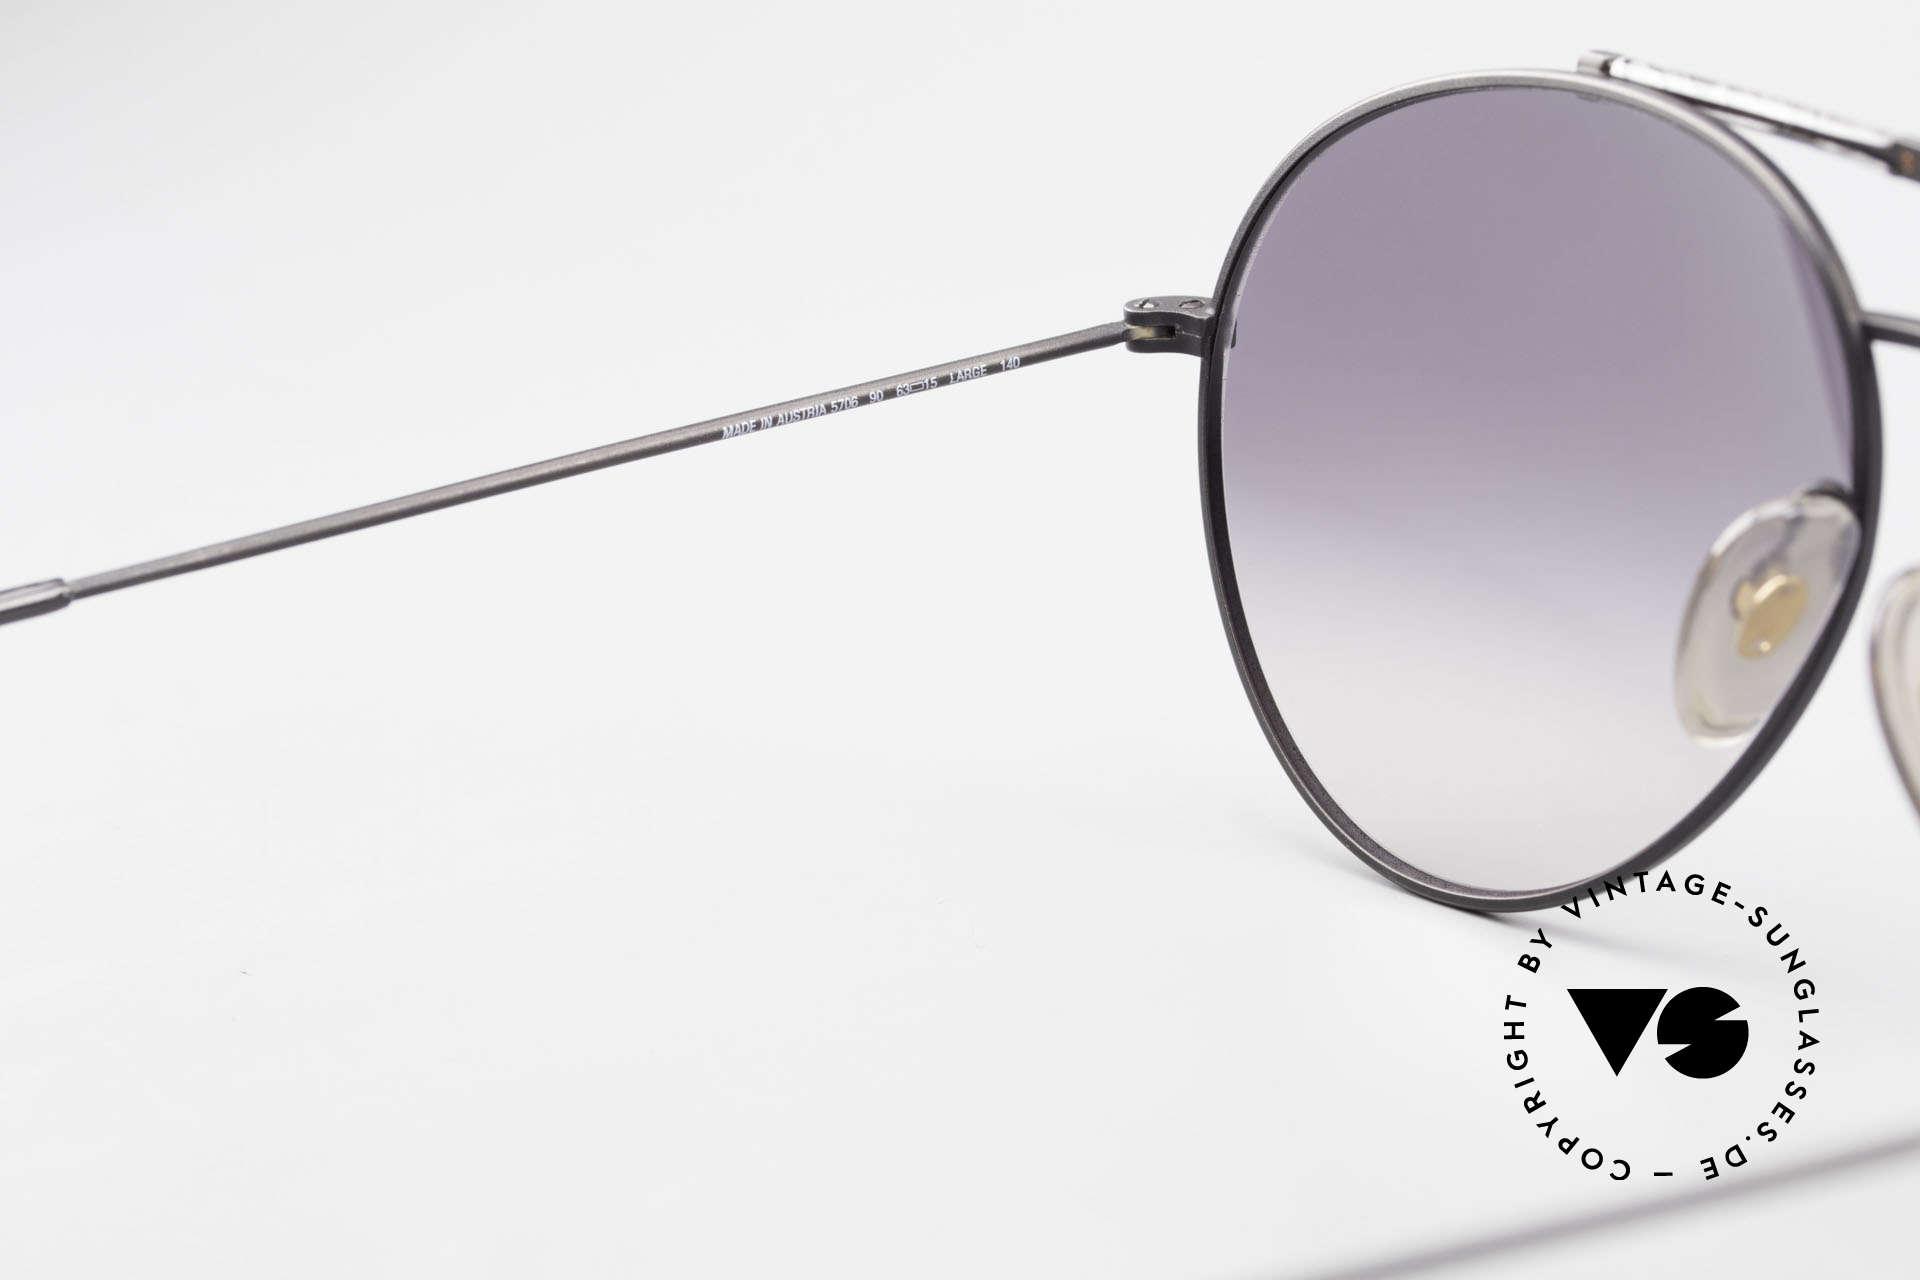 Boeing 5706 80er Aviator Sonnenbrille XL, ungetragen (wie alle unsere vintage Boeing Brillen), Passend für Herren